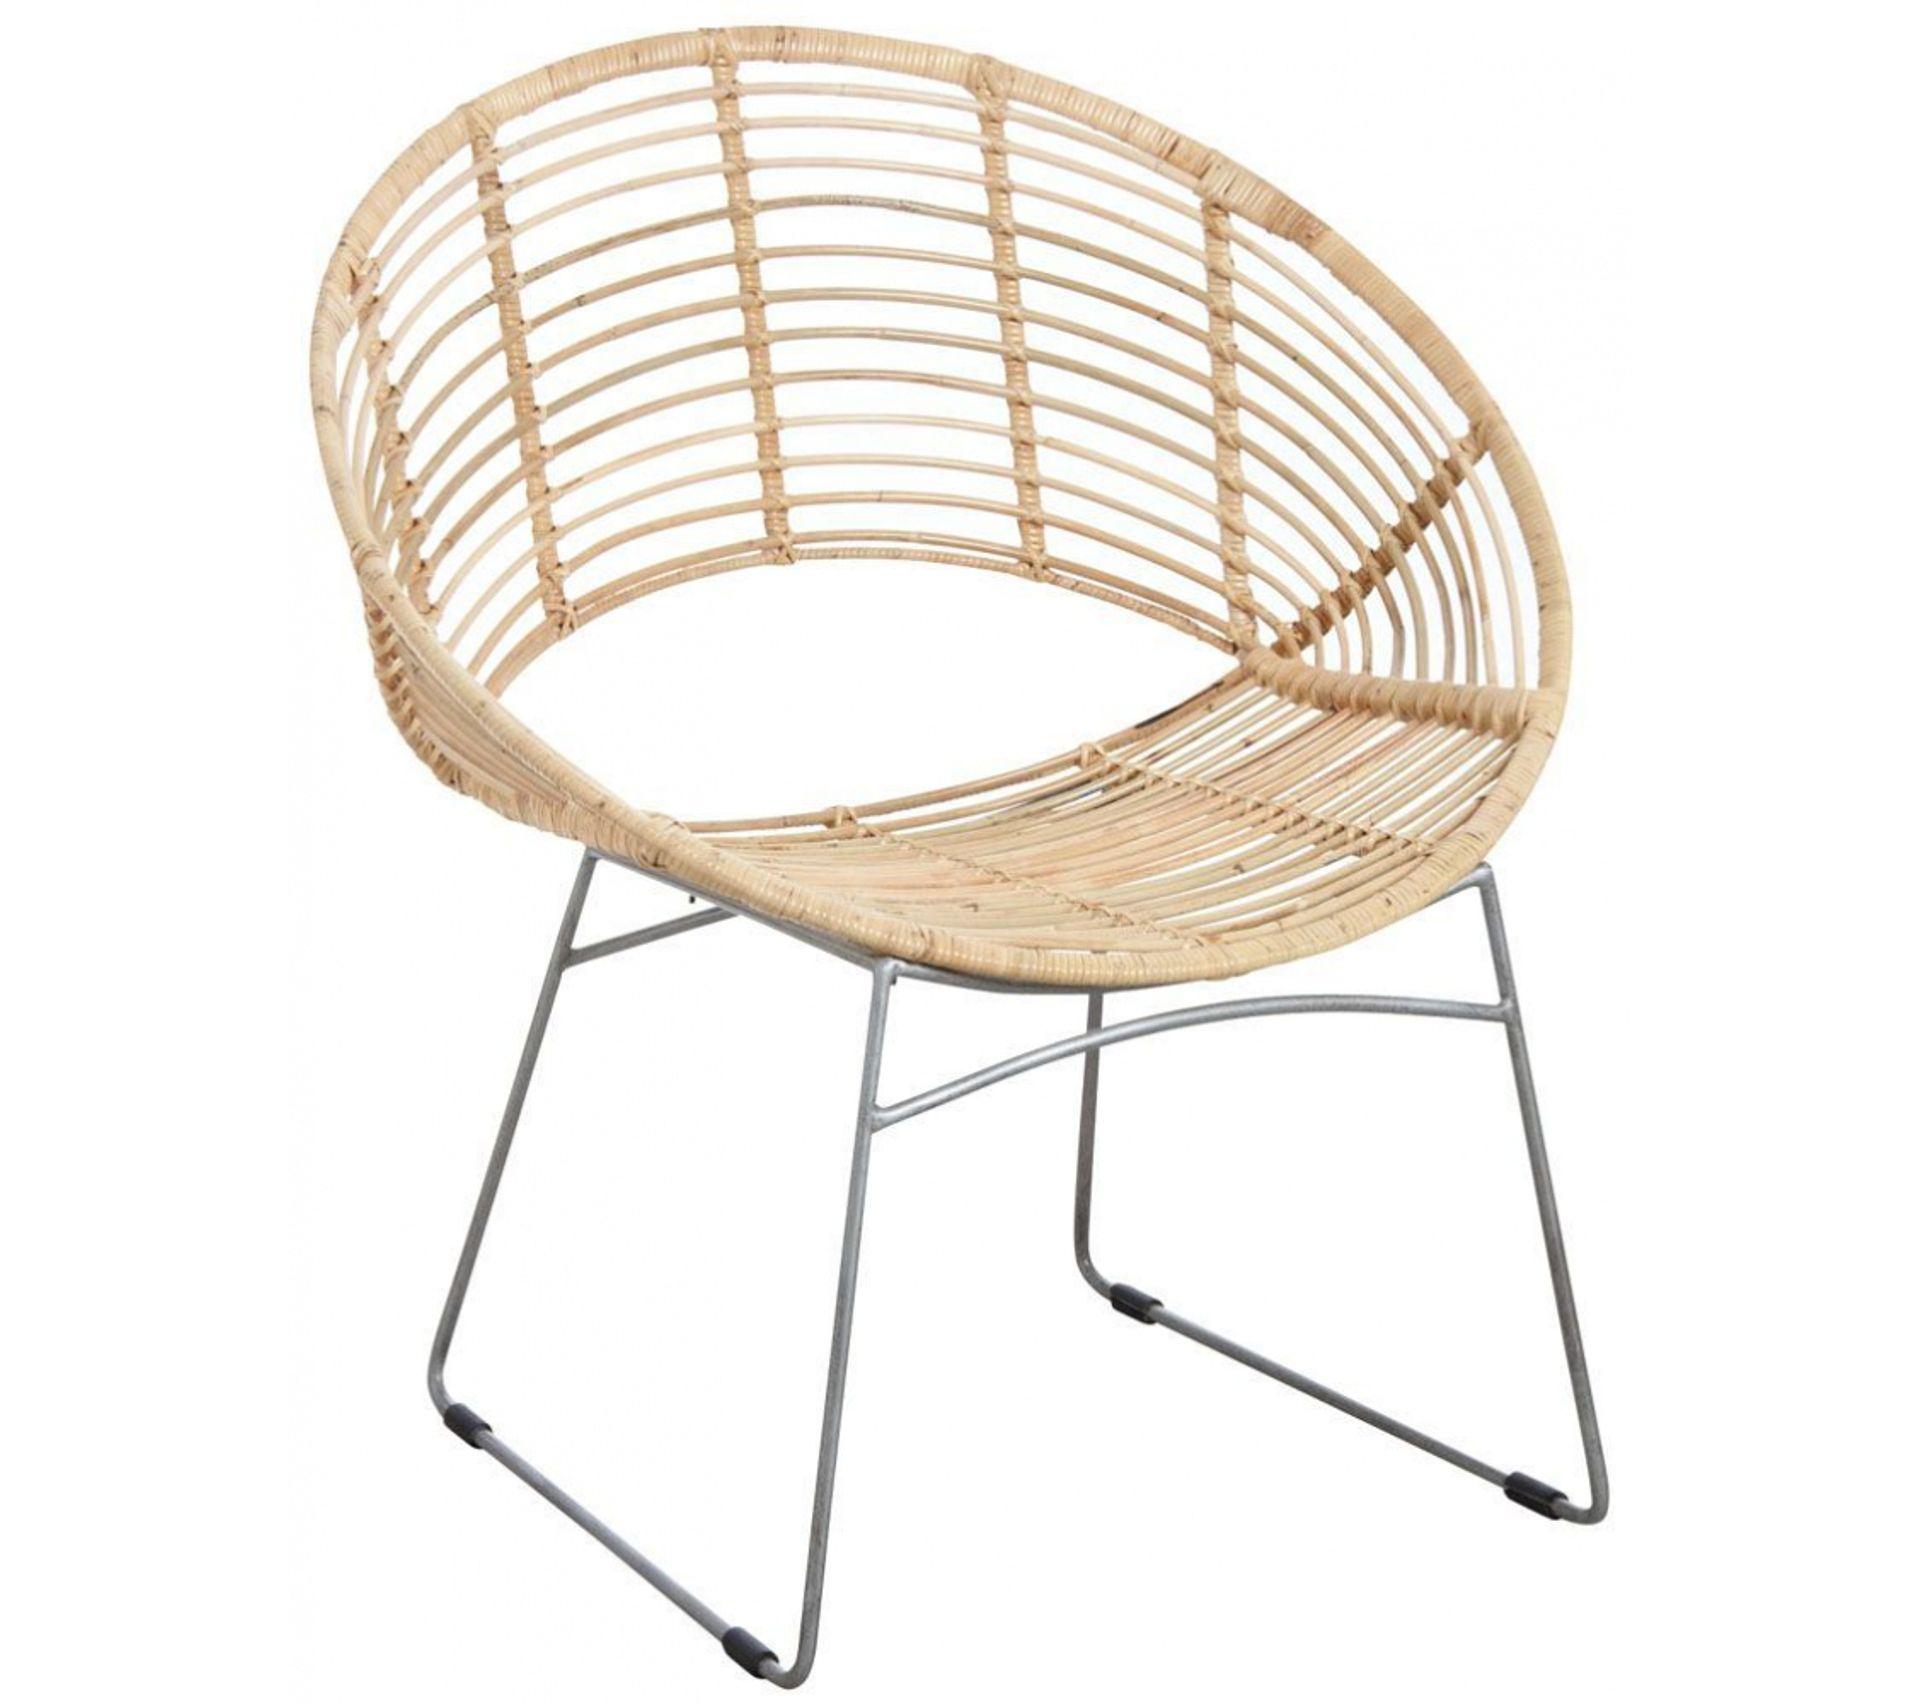 Maison Du Monde Fauteuil Rotin fauteuil rond en métal et rotin naturel